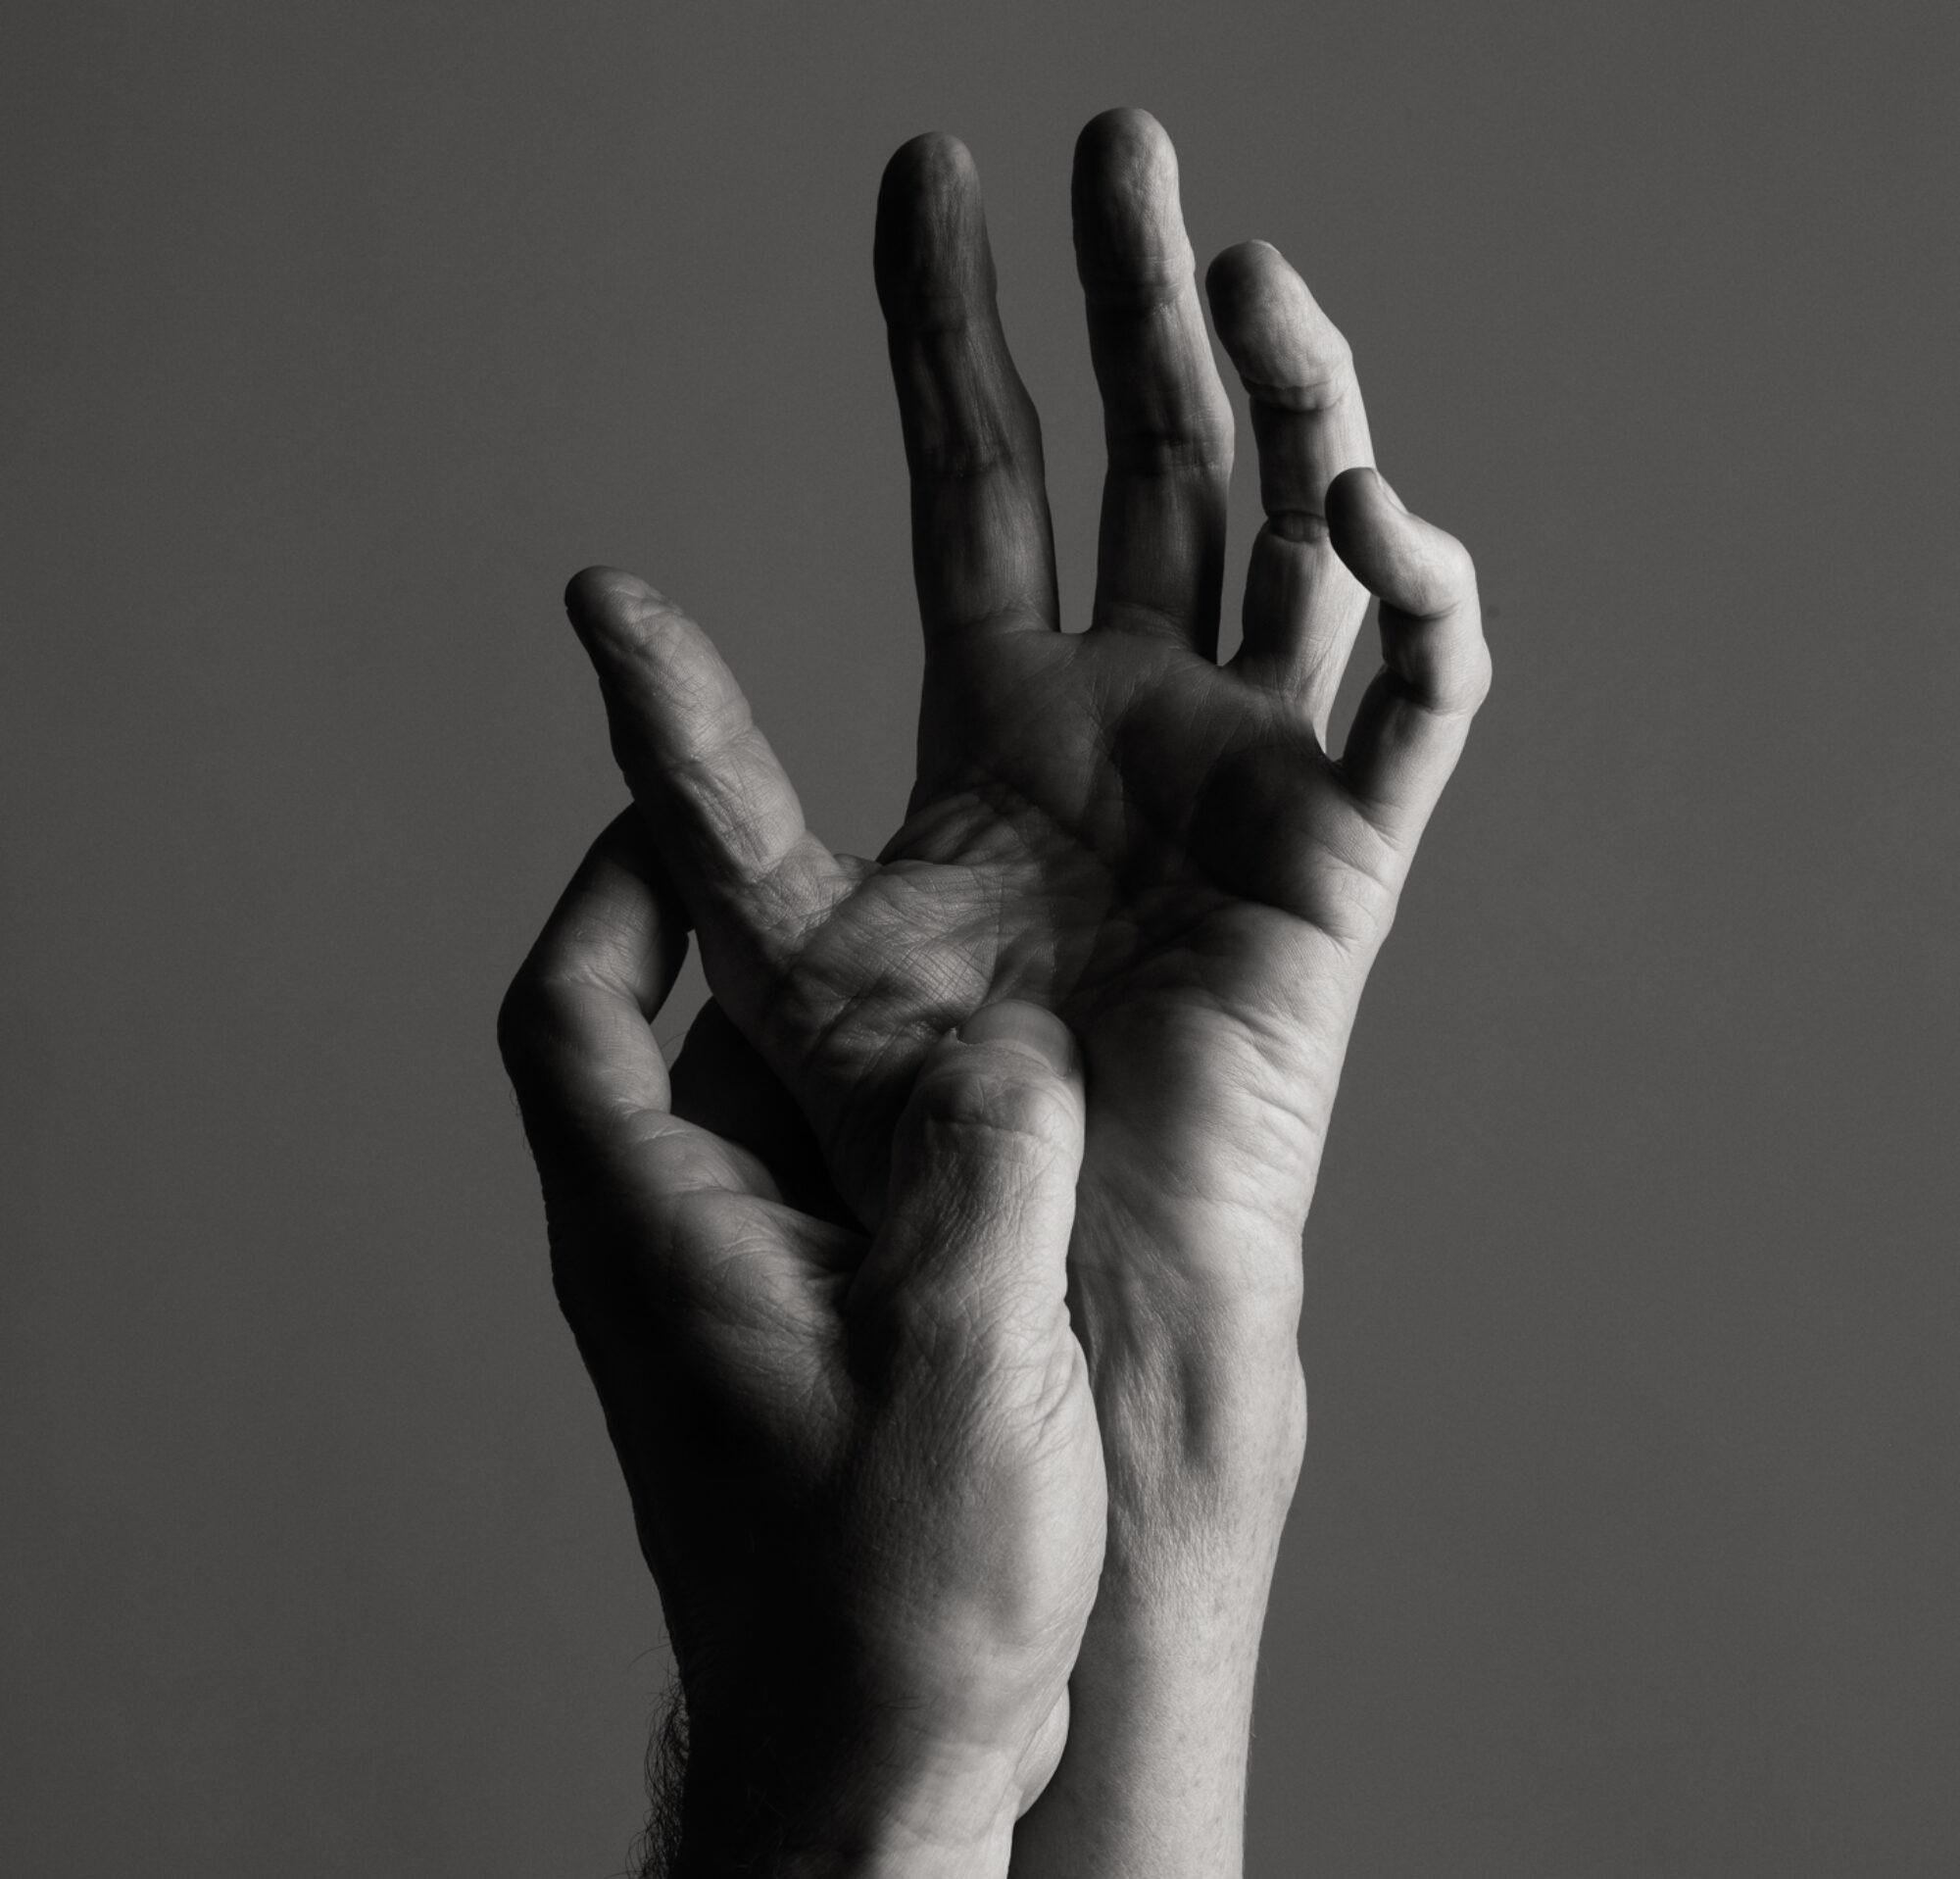 Praktijk voor handtherapie  Maastricht en Hoensbroek